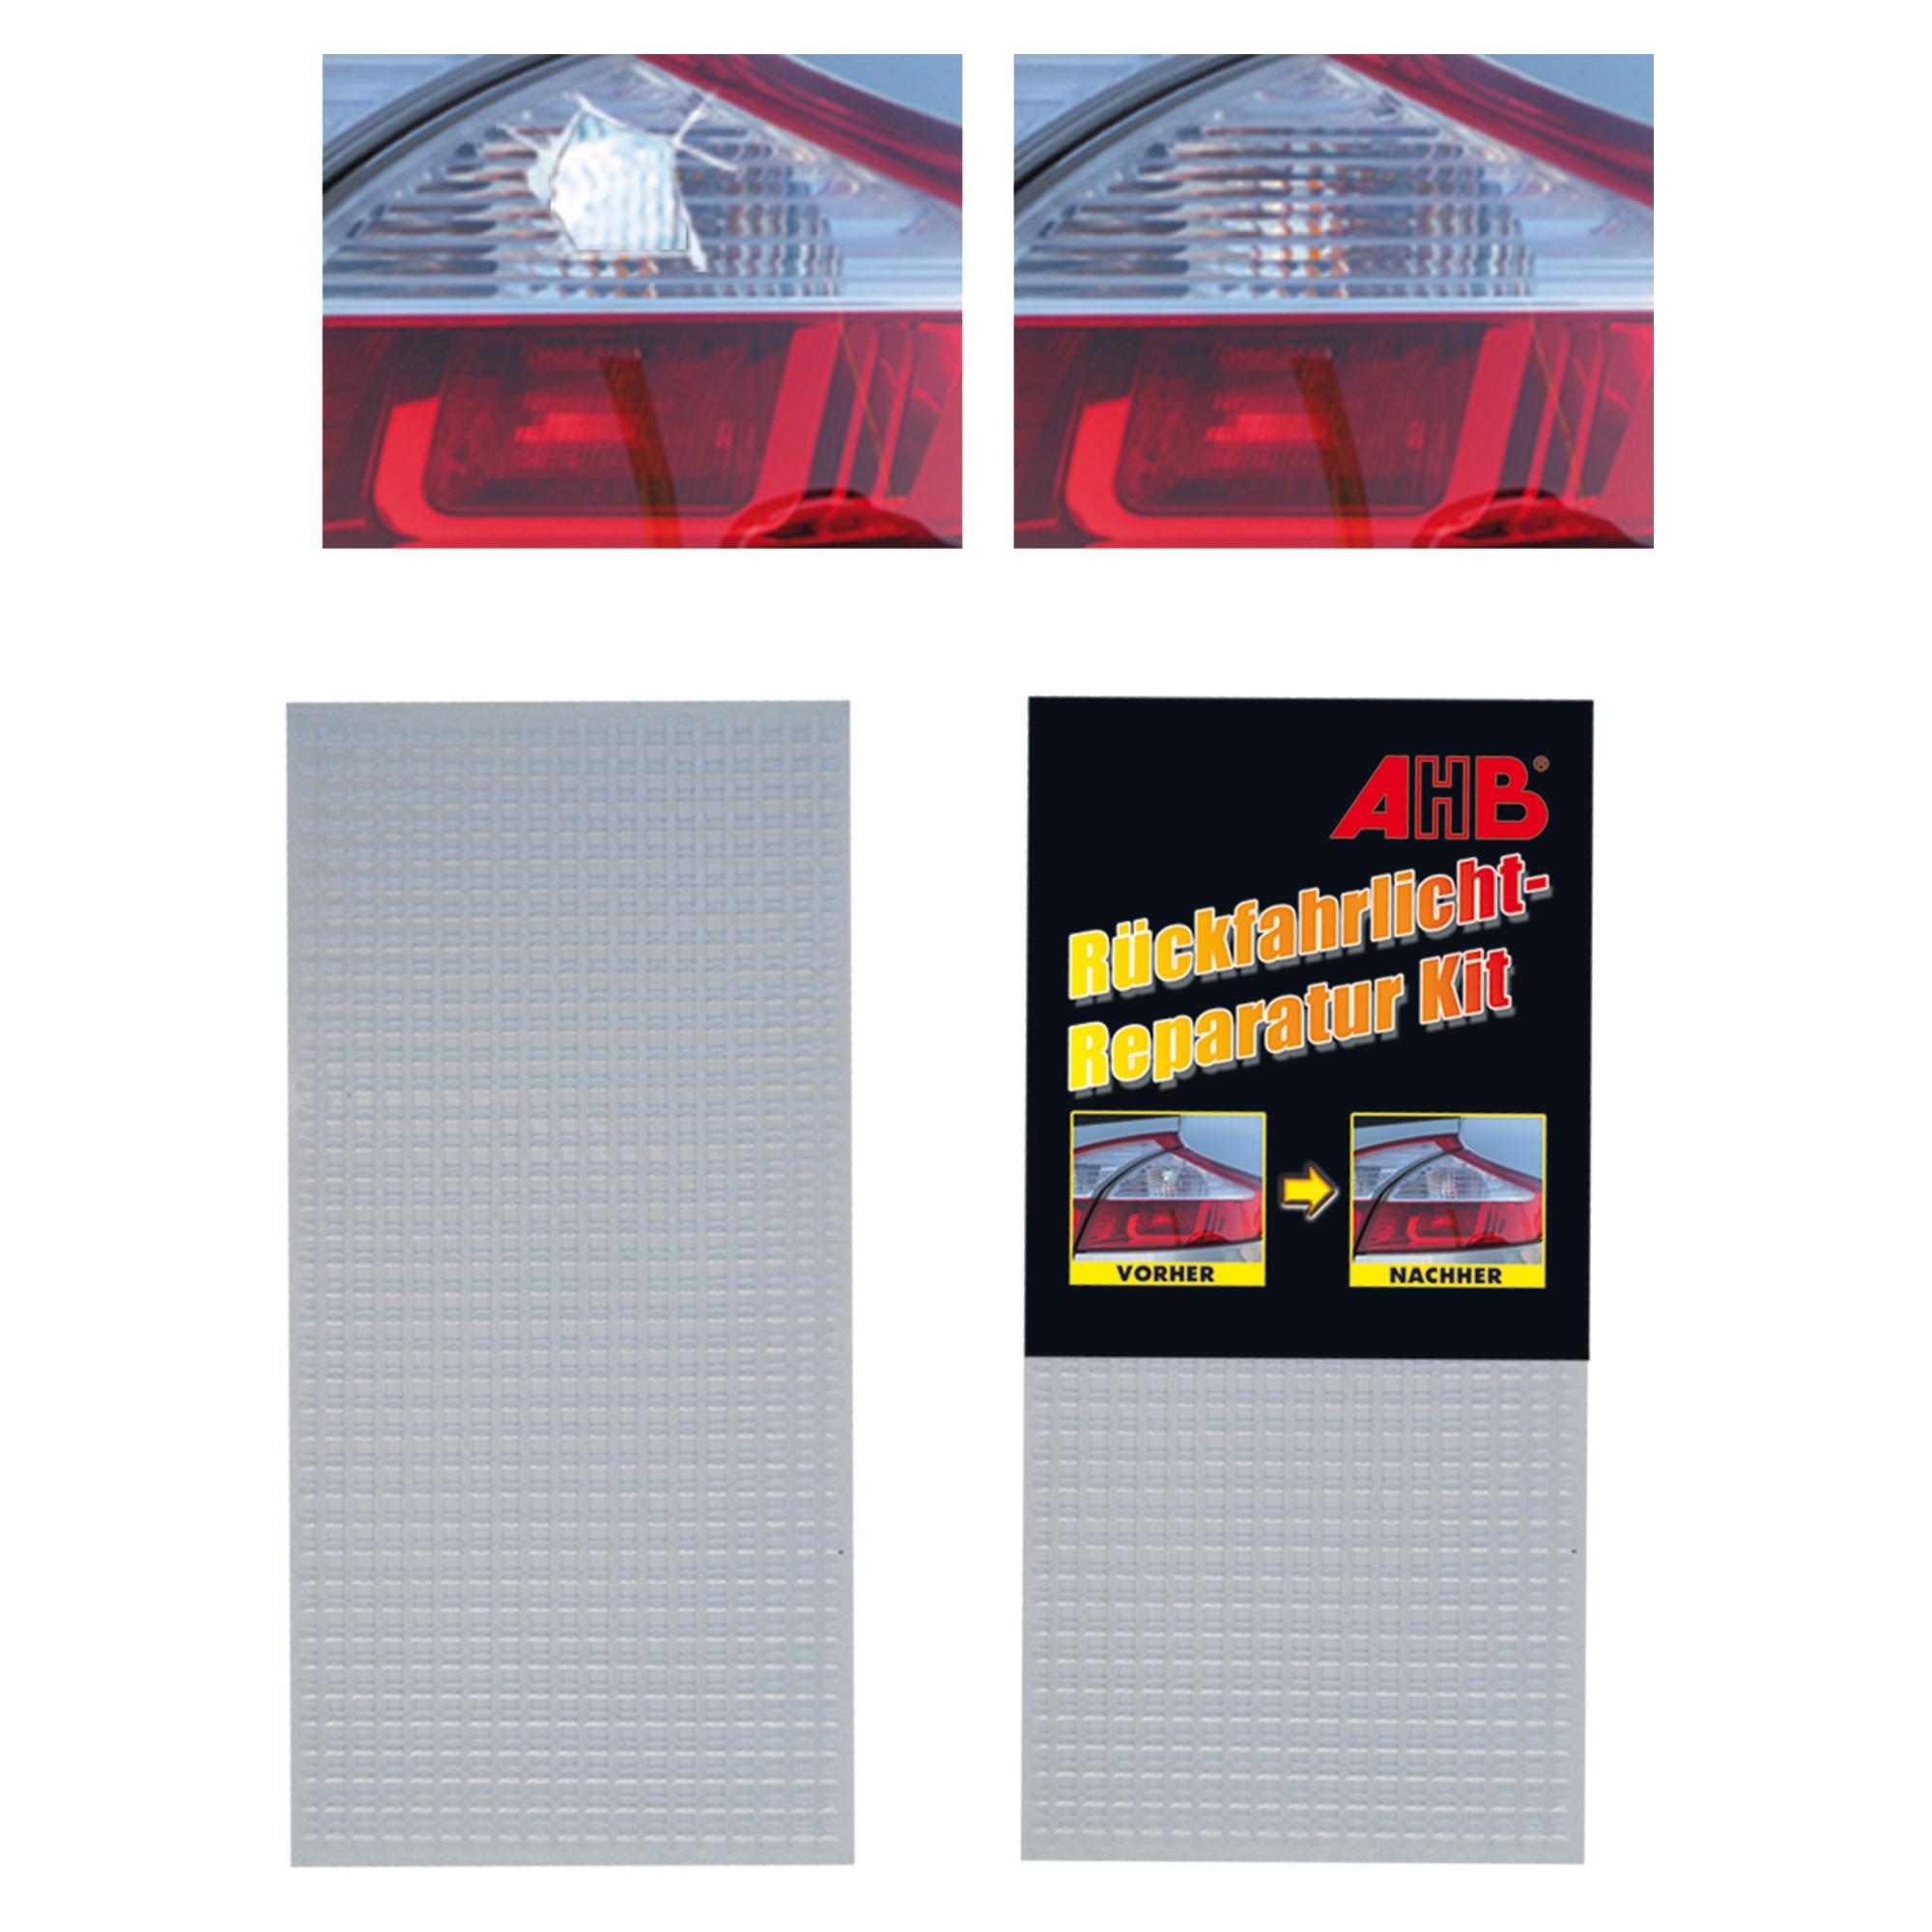 Rückfahrlicht-Reparatur Kit